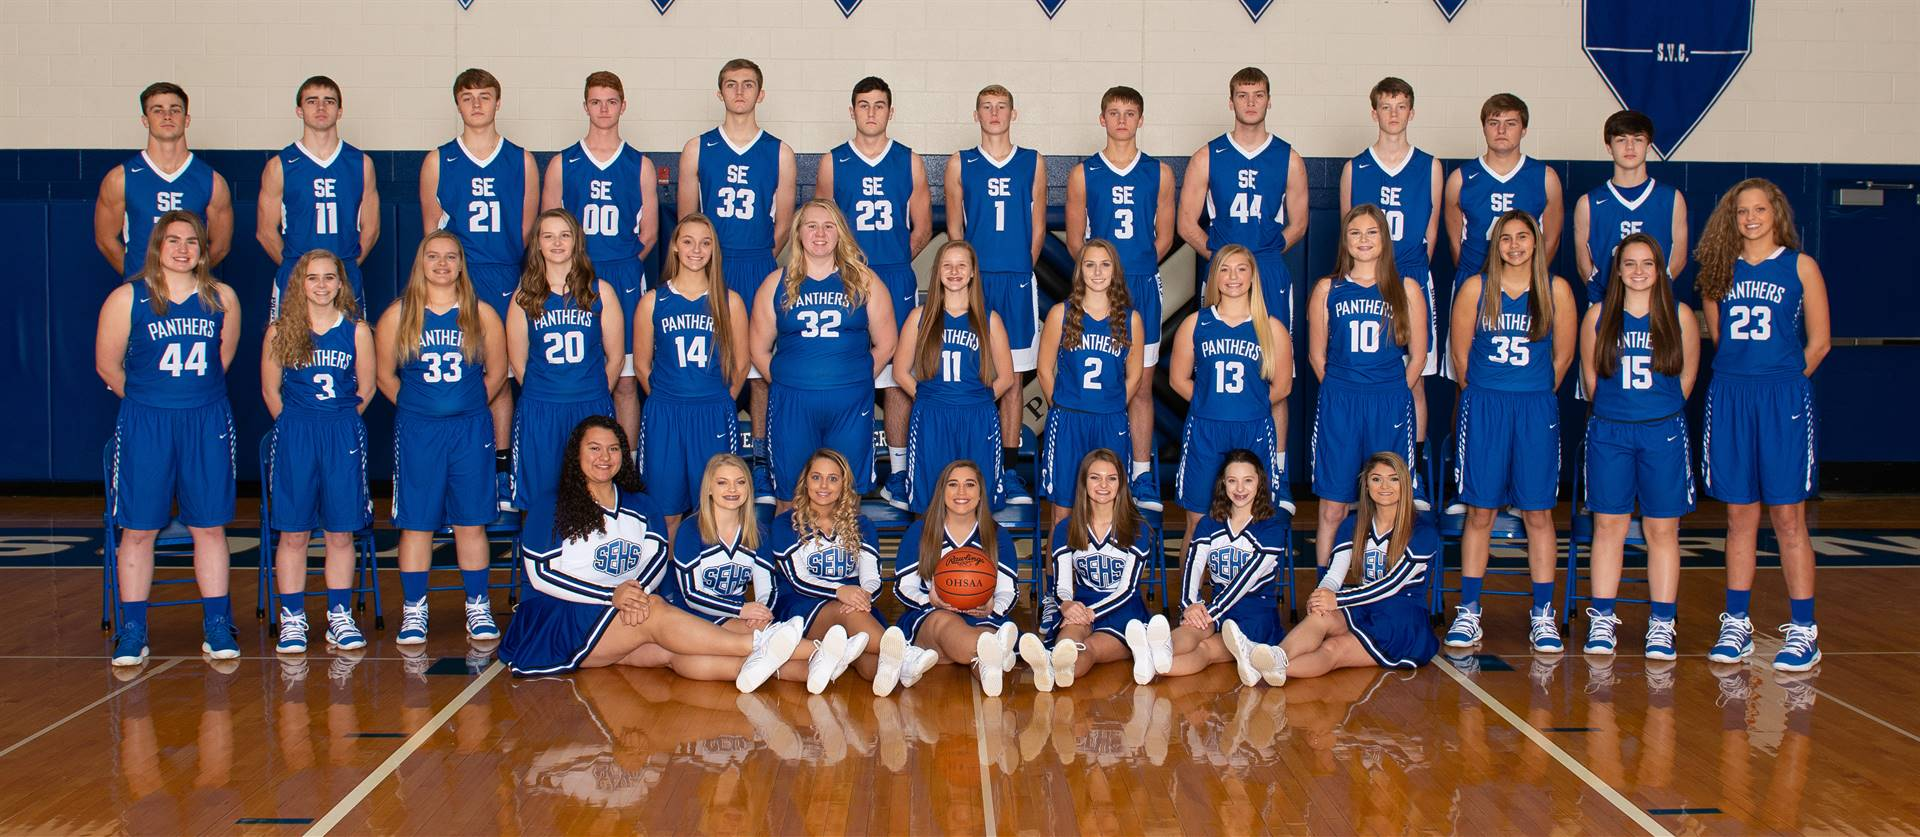 All Basketball Players